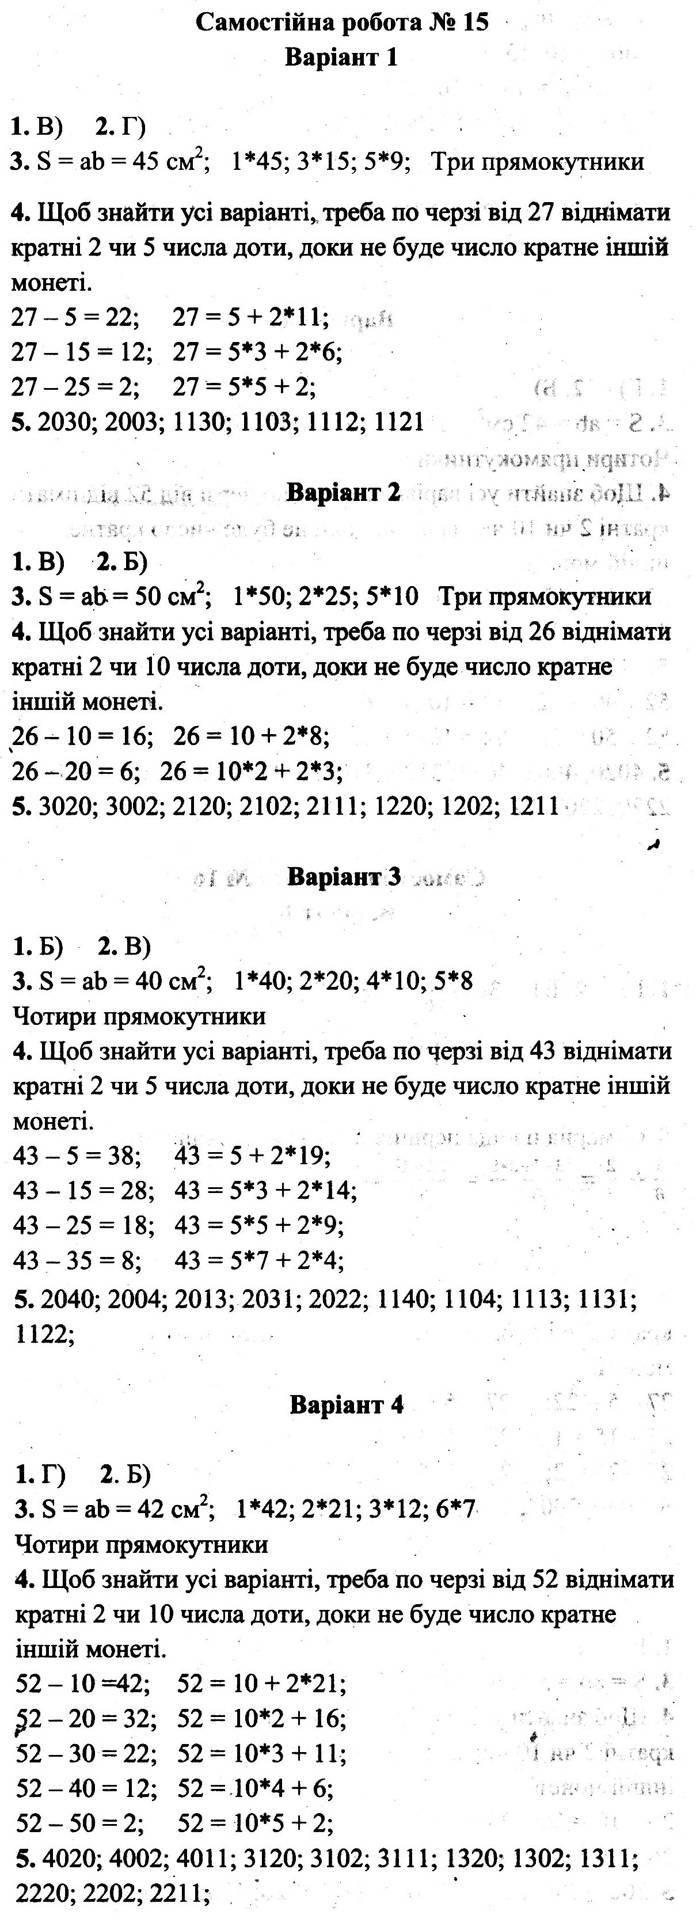 Розв'язання завдань до самостійної роботи 15 посібника 5 клас Математика Мерзляк (збірник самостійних робіт і тестів) 2020 рік